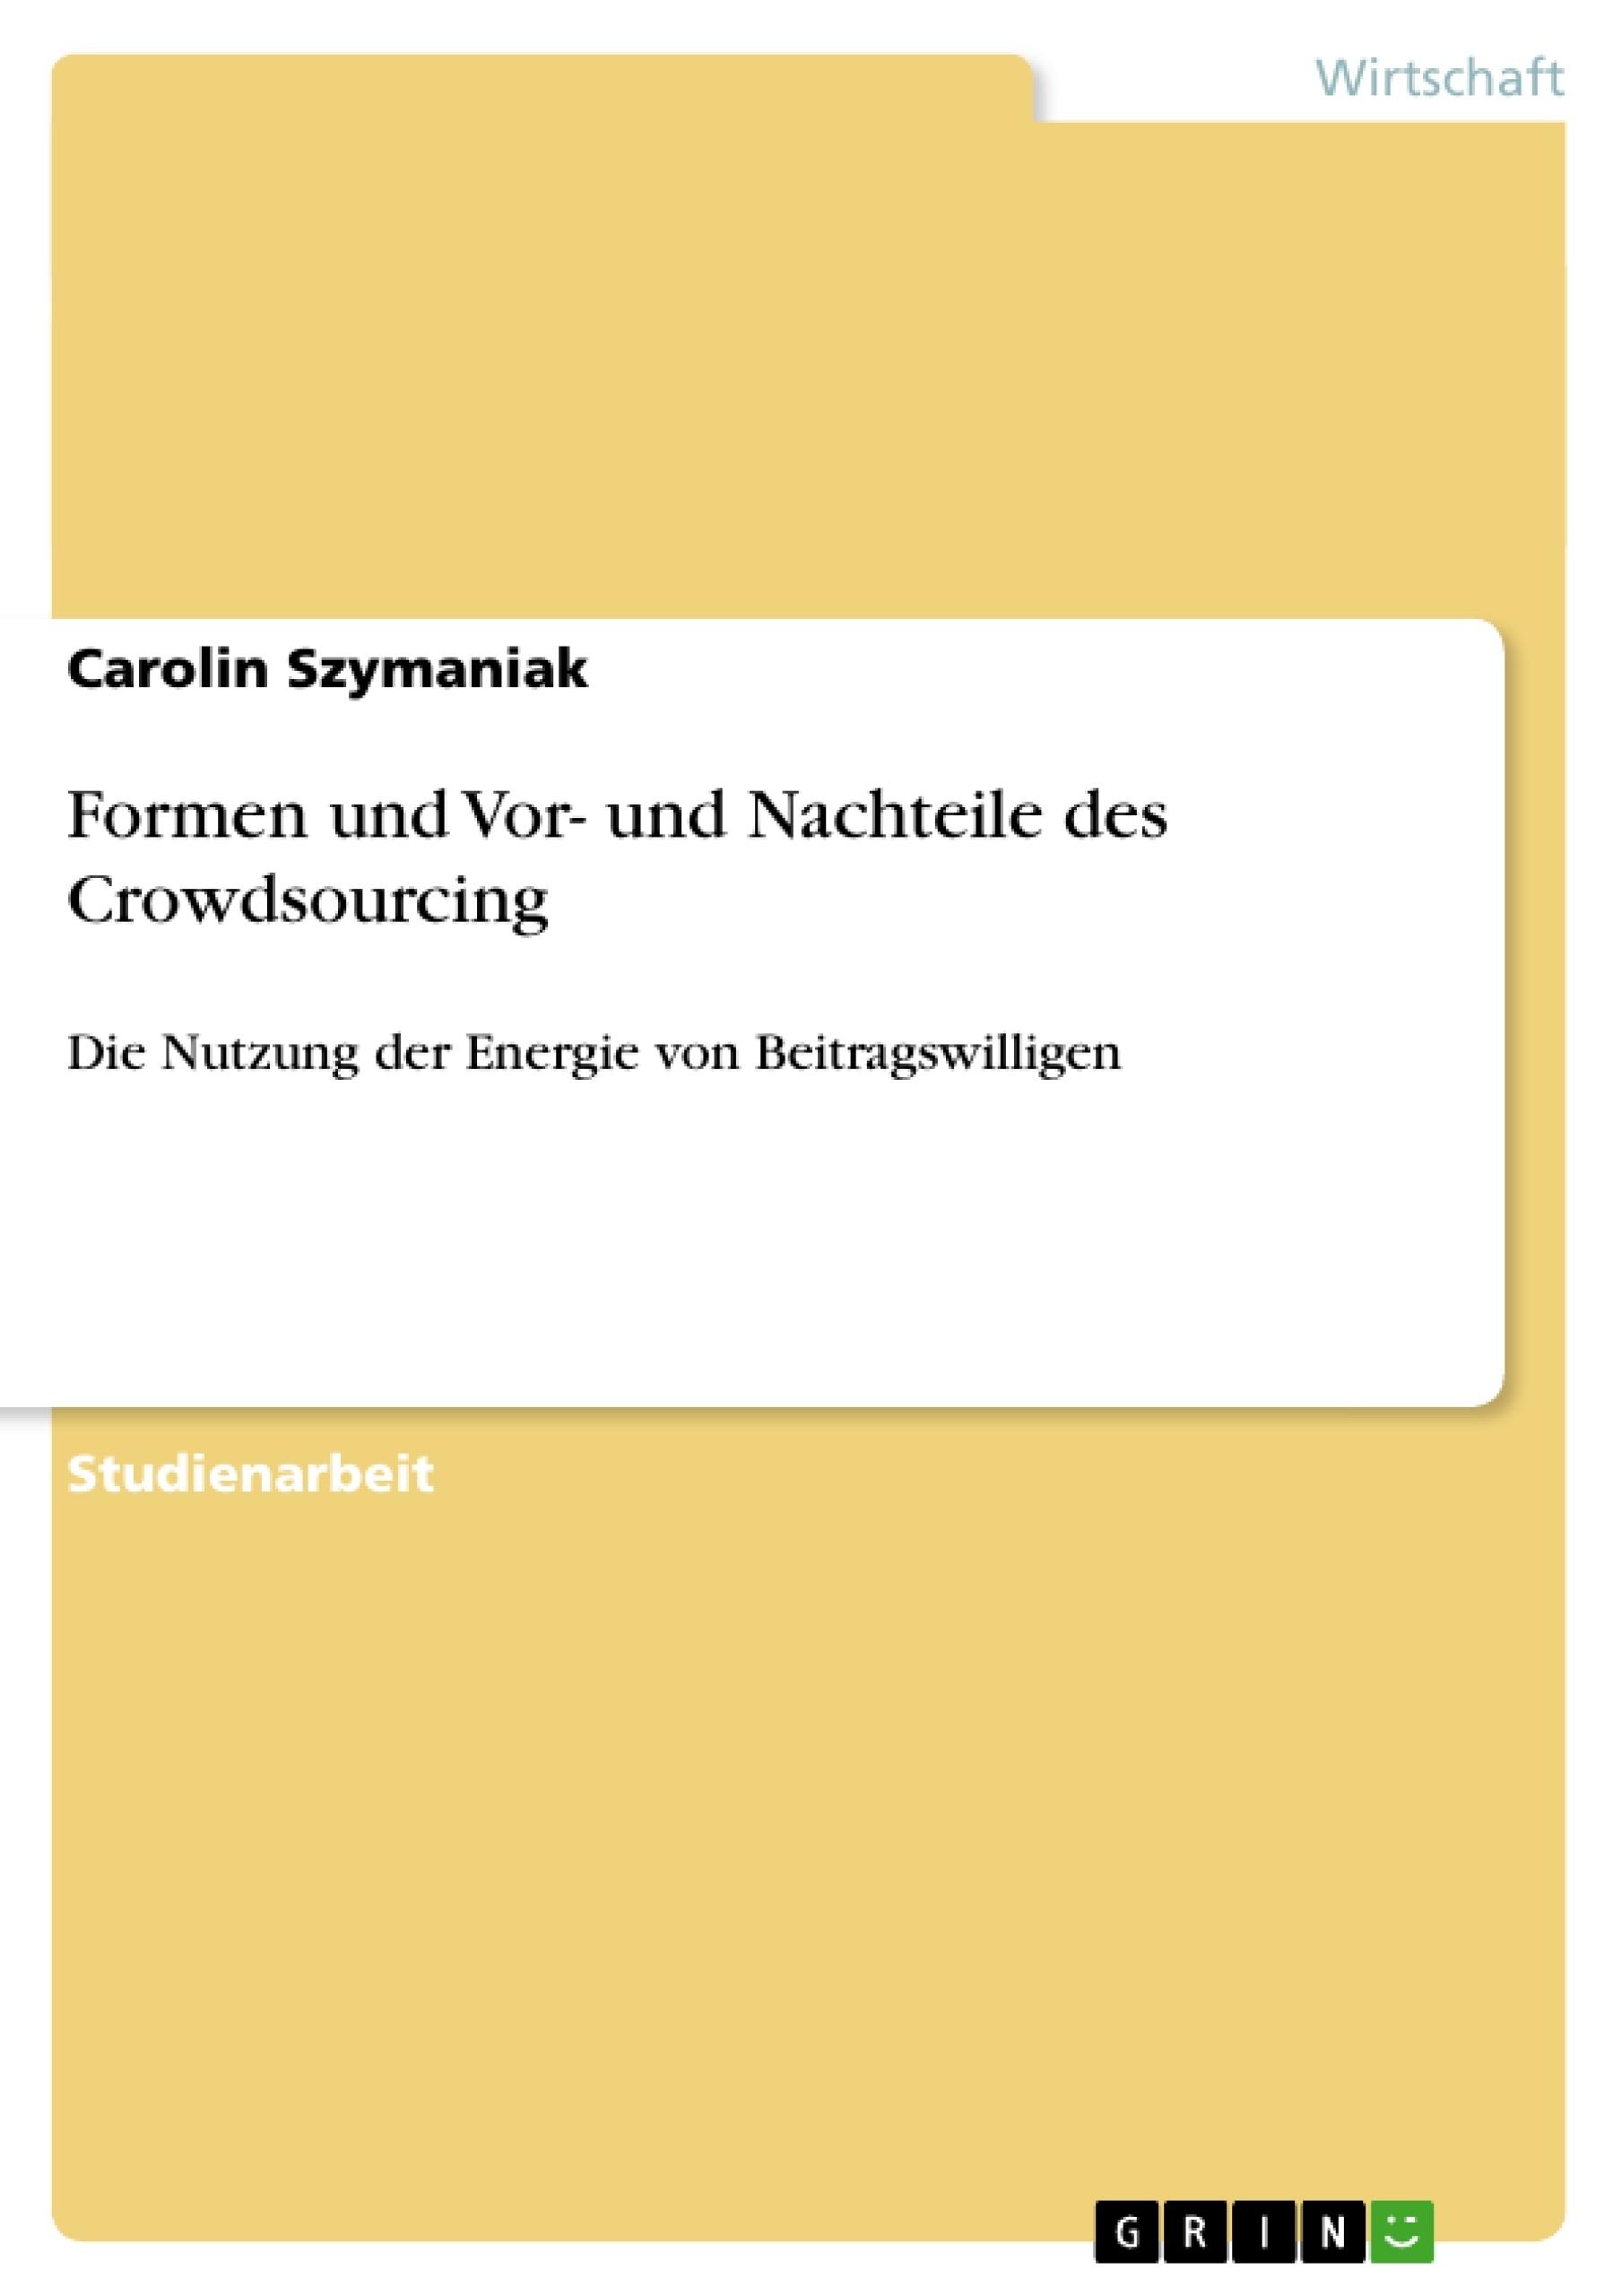 Titel: Formen und Vor- und Nachteile des Crowdsourcing